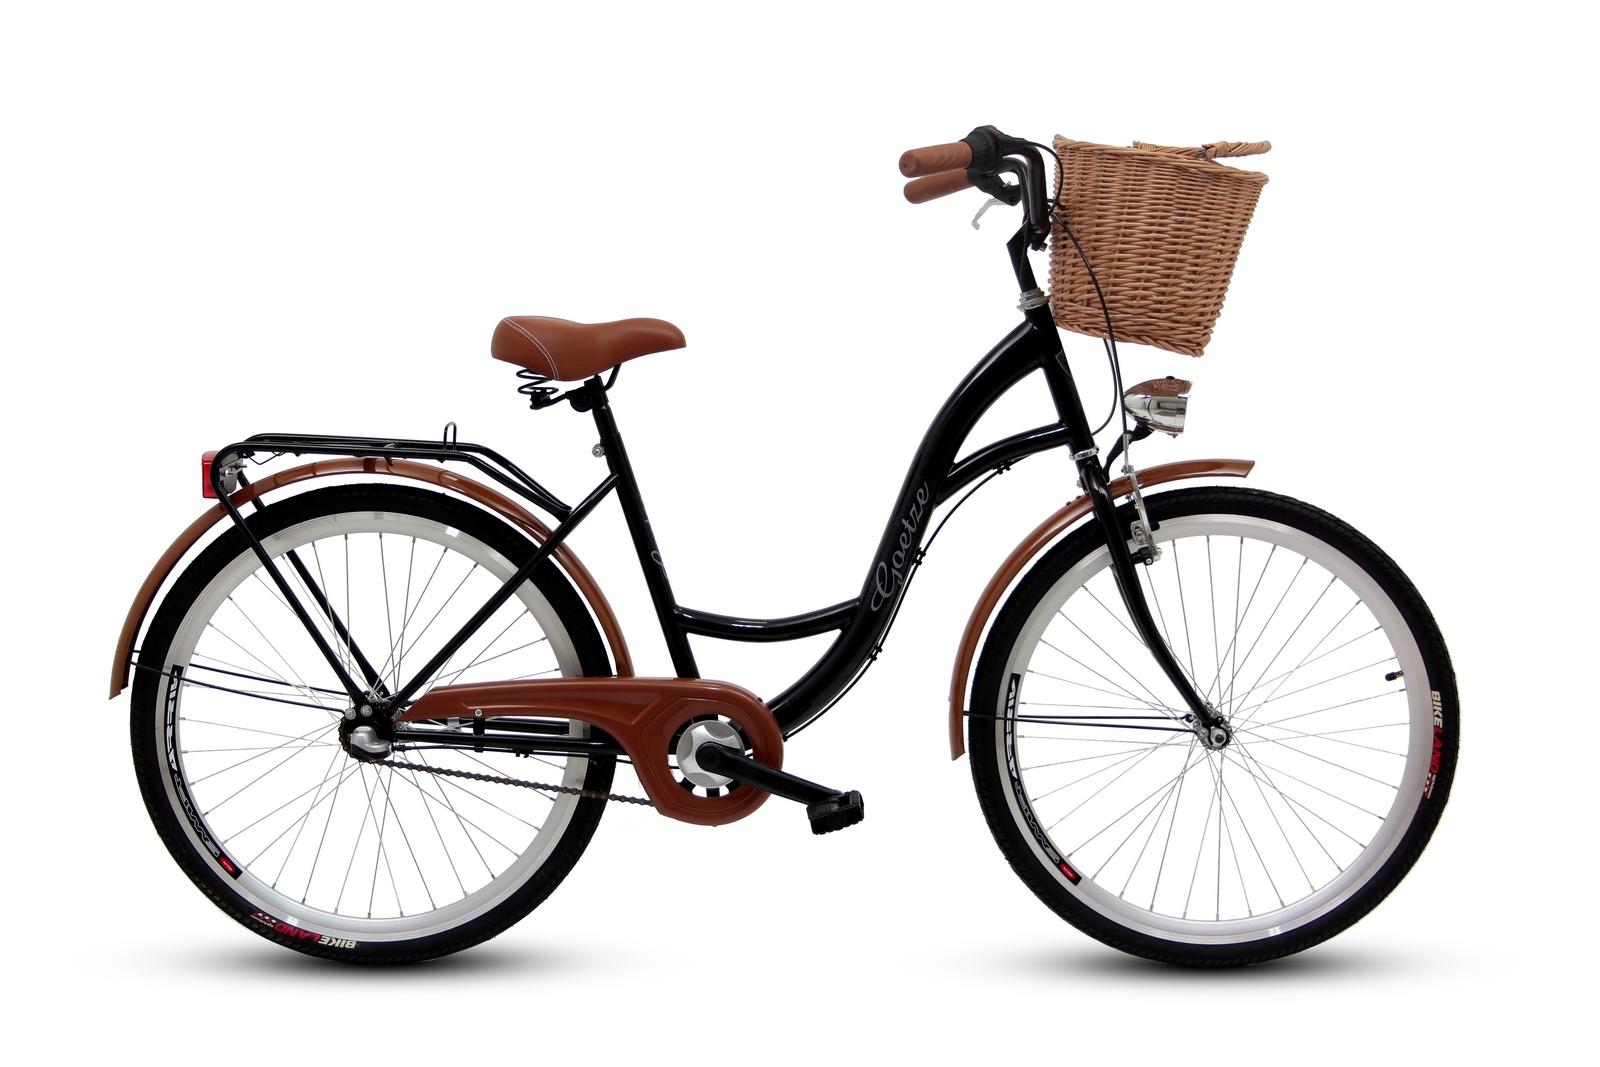 Dámsky mestský bicykel GOETZE 26, 3-rýchlostný kôš zadarmo!  Model Classic263b